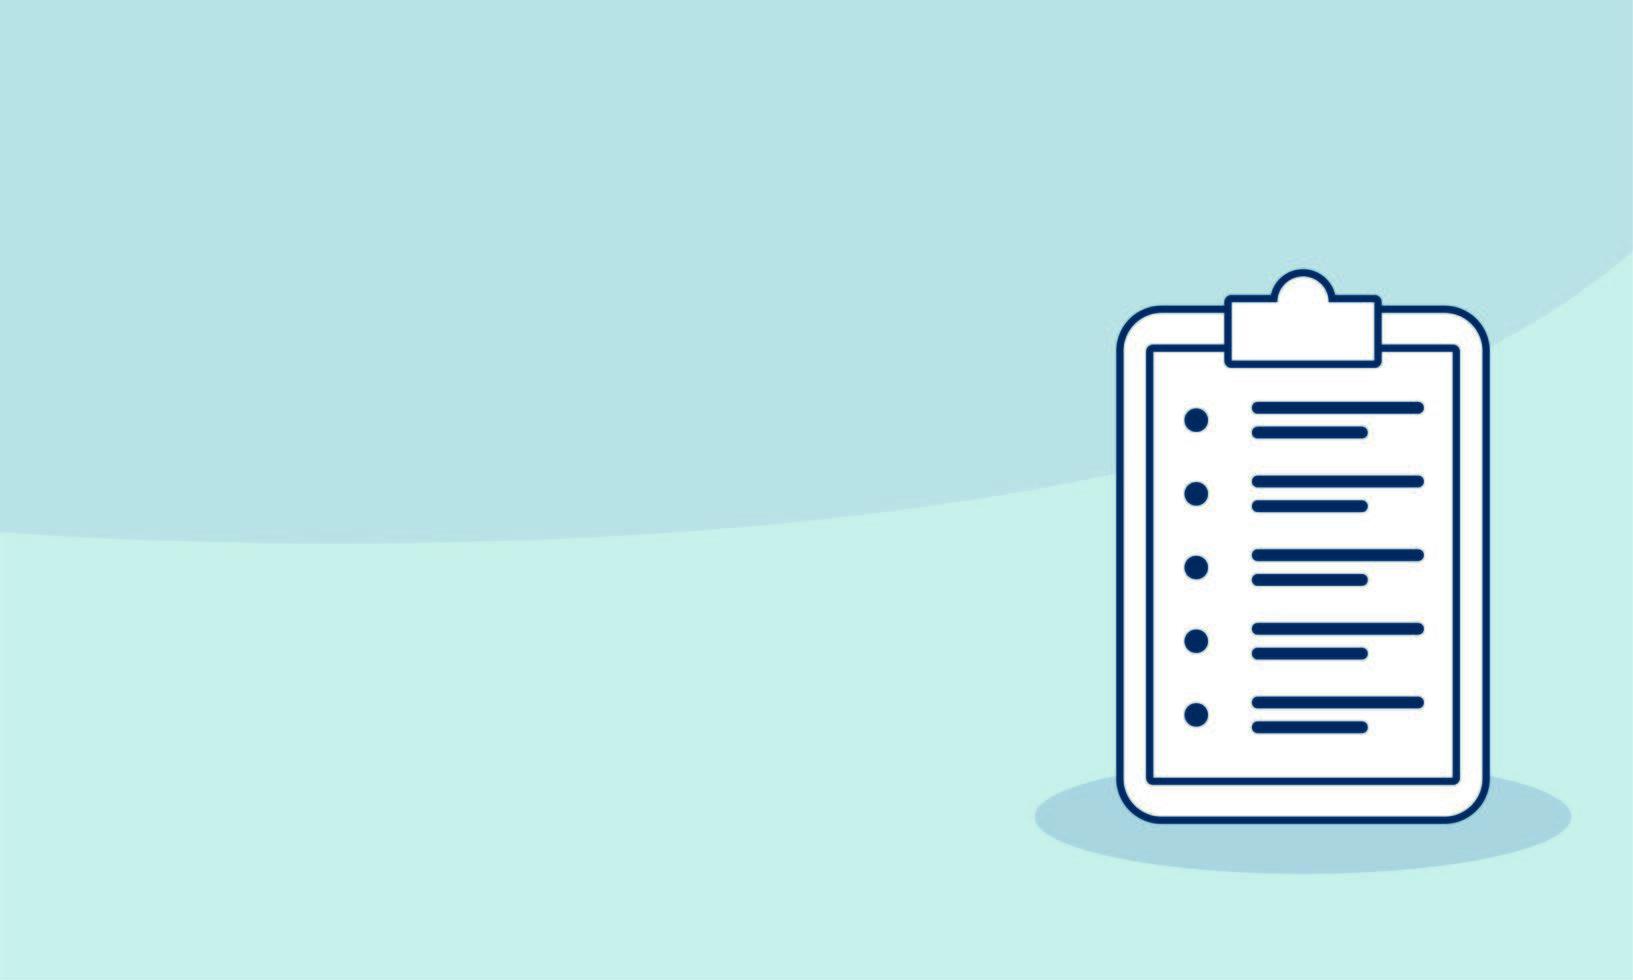 checklista Urklipp dokument isolerad ikon vektor